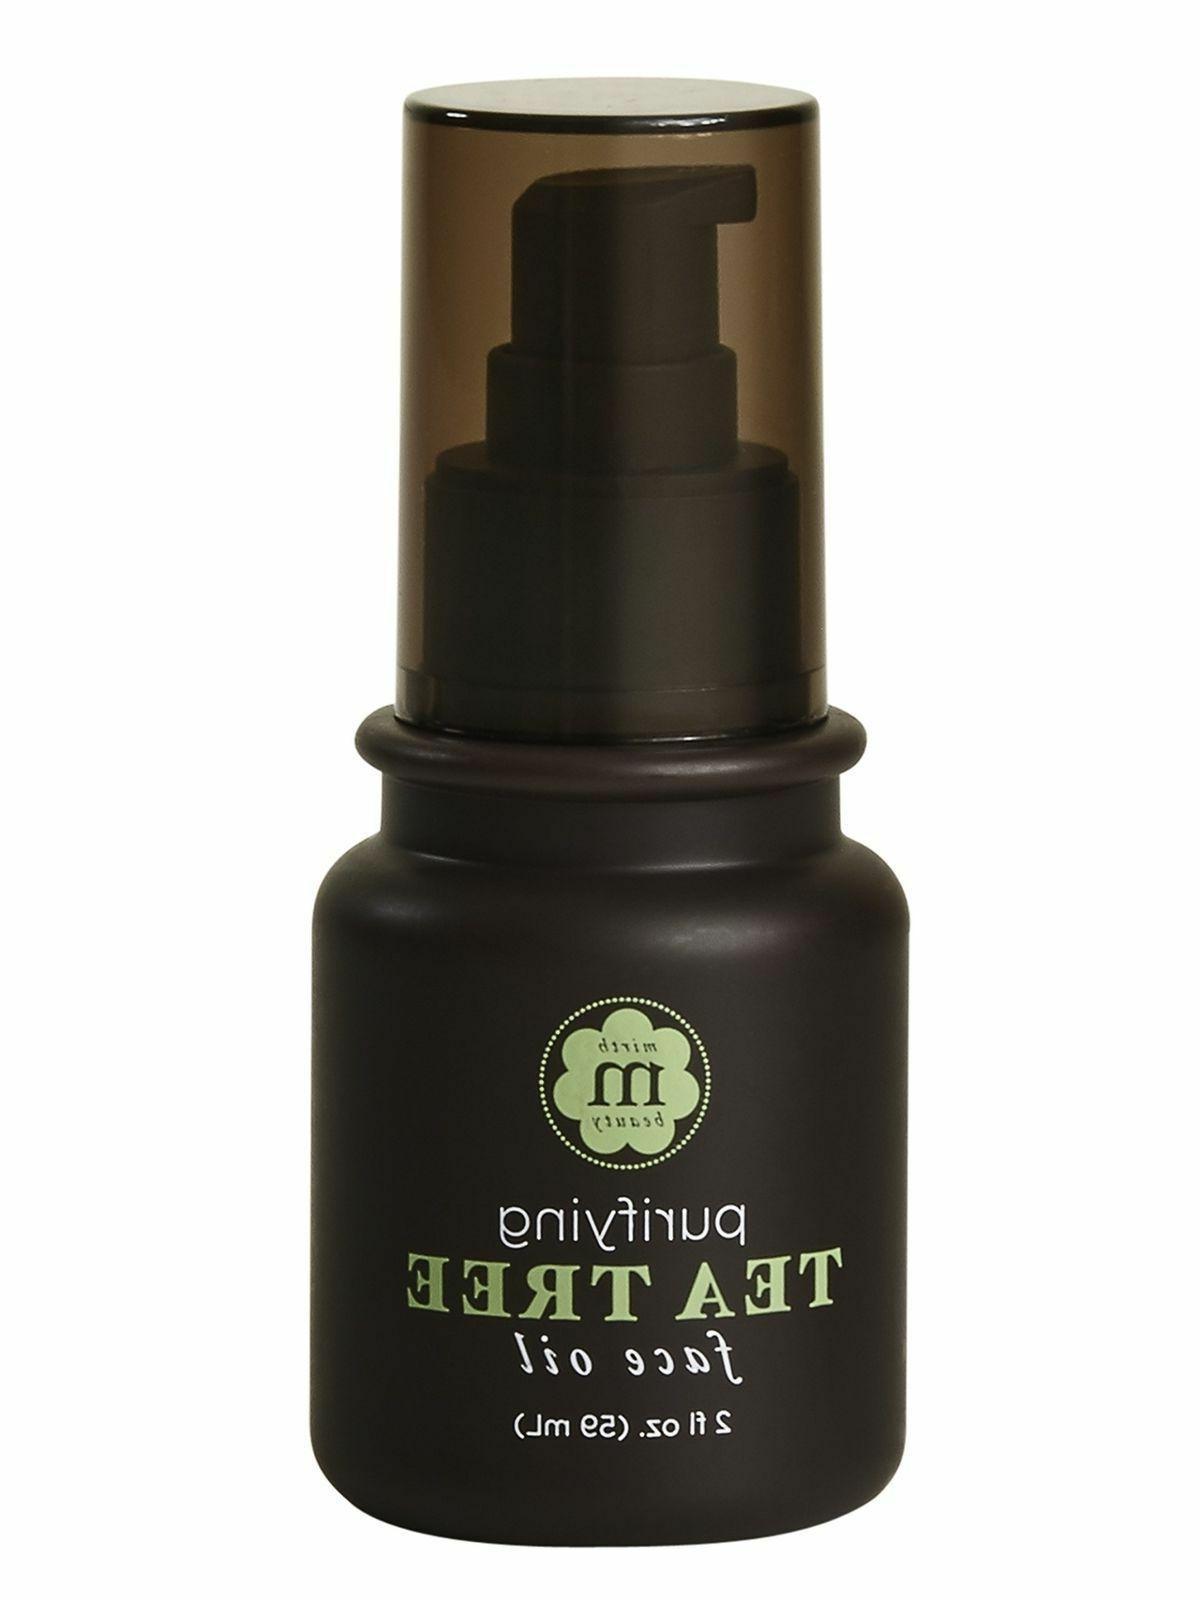 Tea Clear Skin Oil 2 pores